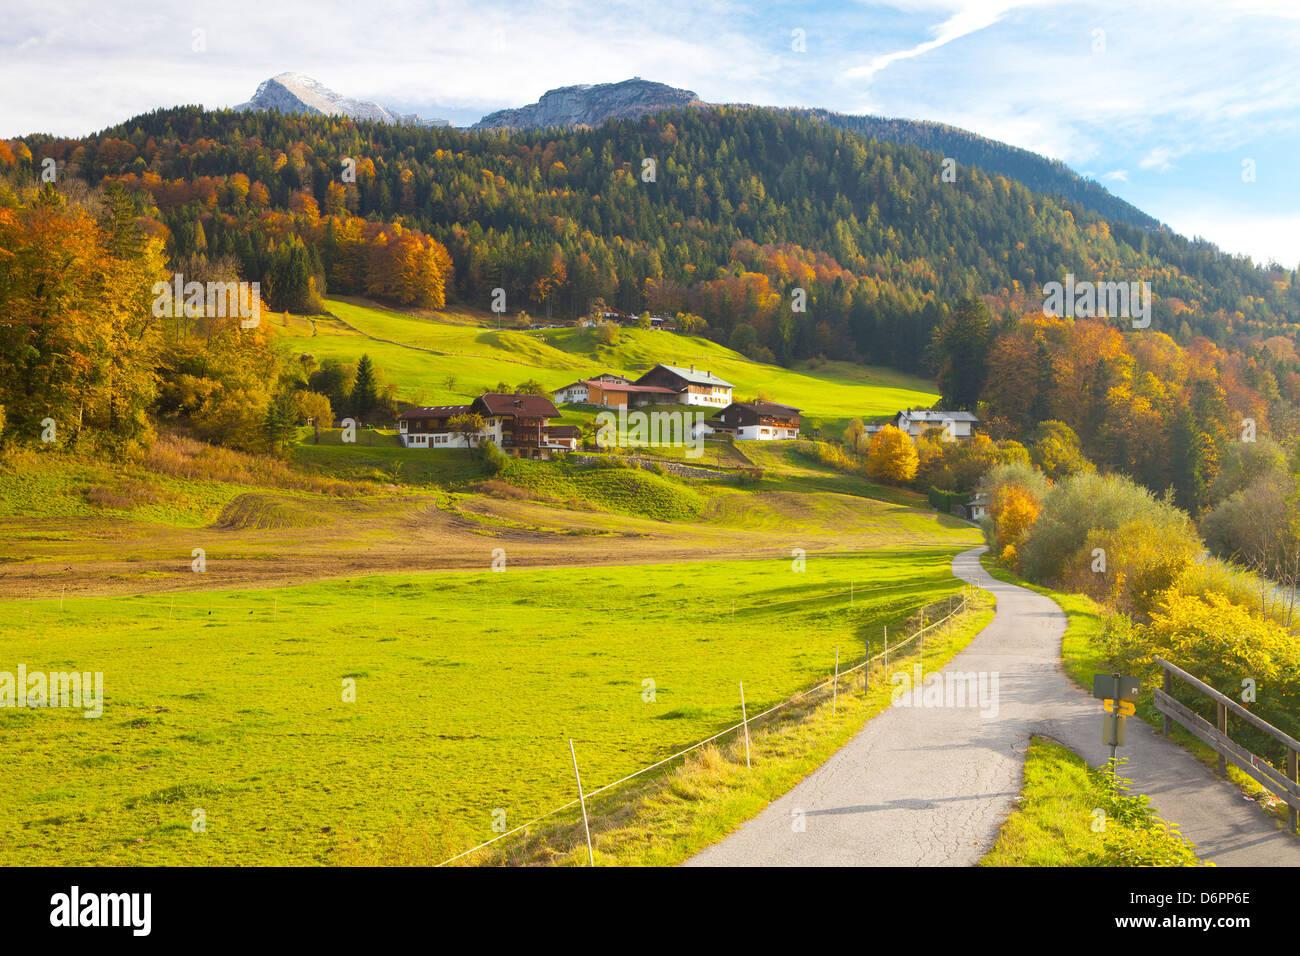 Location chemin à travers les paysages de montagne en automne, près de Berchtesgaden, Bavaria, Germany, Photo Stock